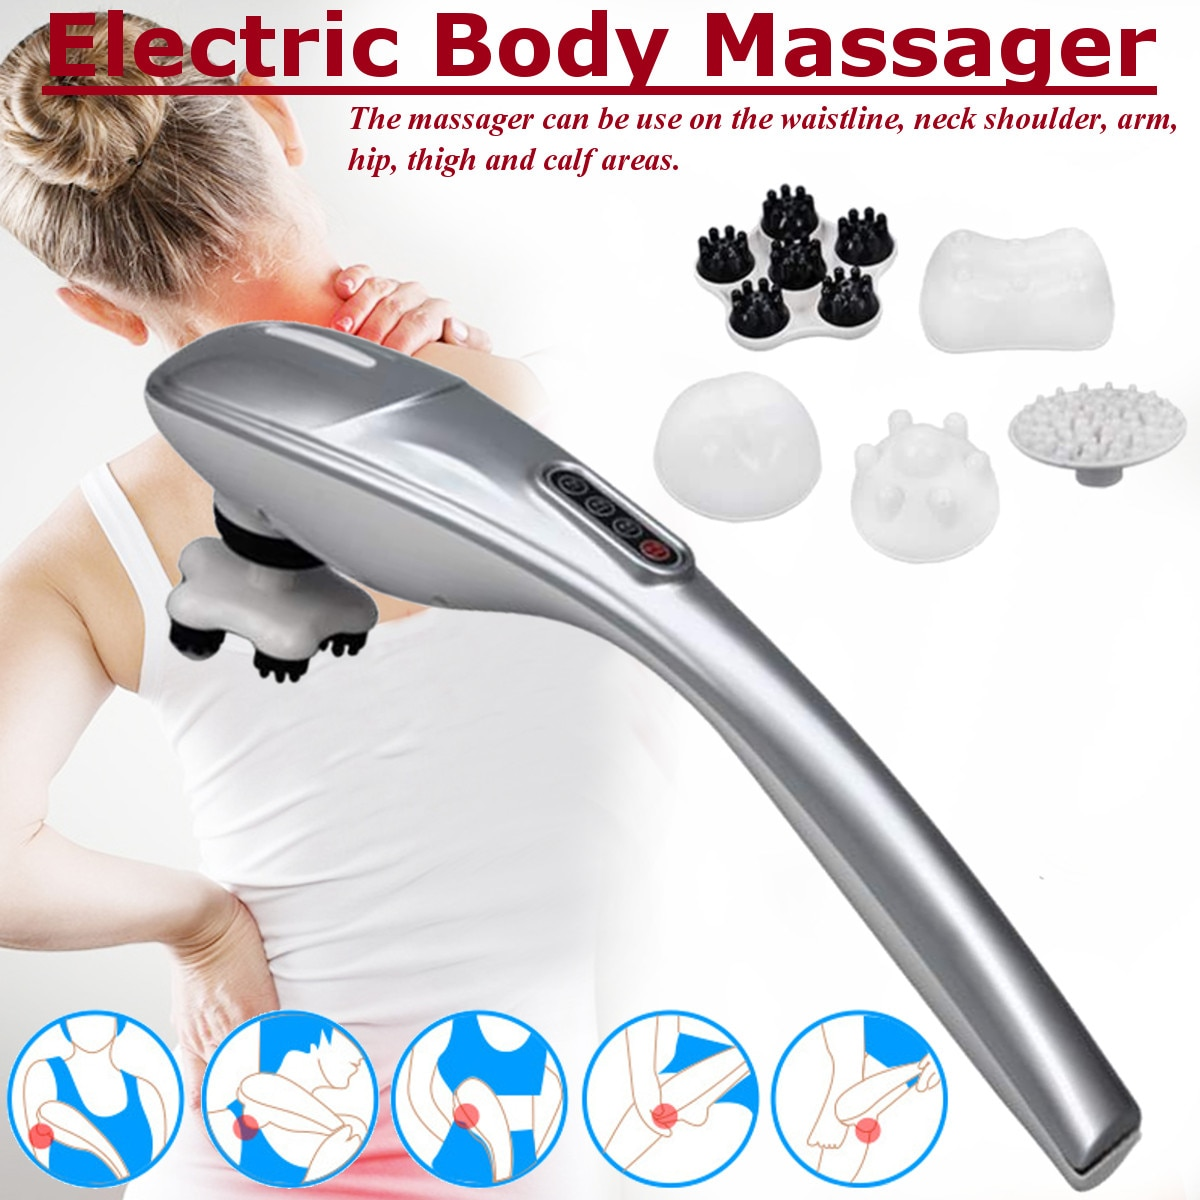 Masajeador de cuello eléctrico automático martillo de mano masaje infrarrojo espalda cintura pierna cuerpo relajar Vertebra Cervical rodillo masaje Stick